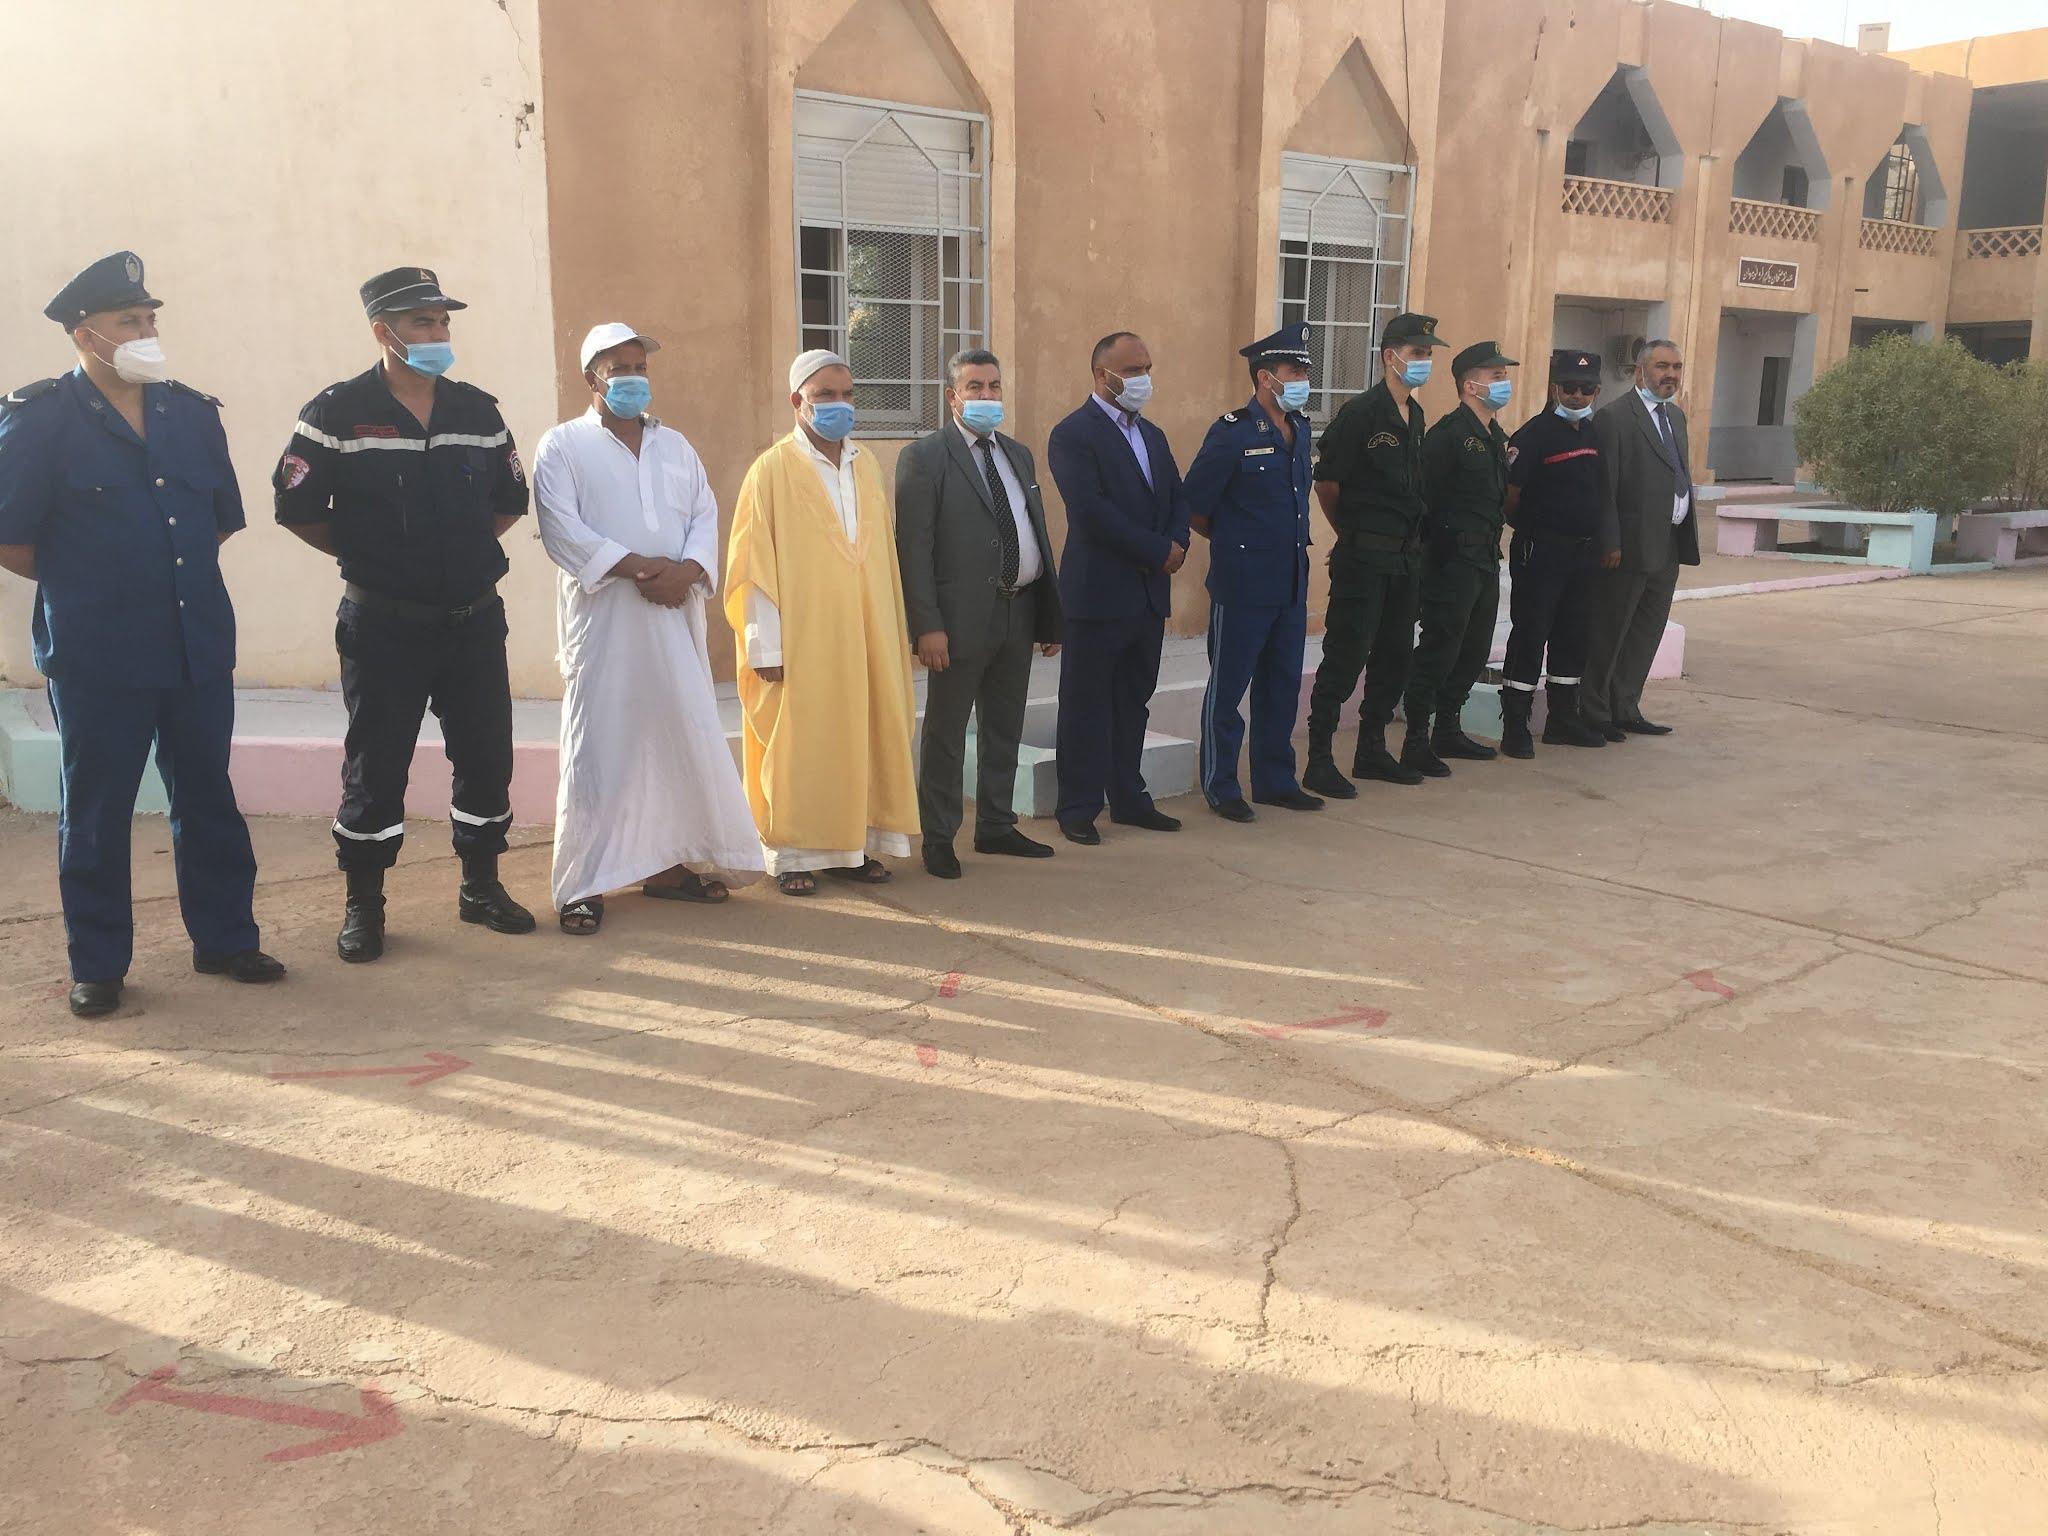 ثانوية العيمش محمد بتاجموت